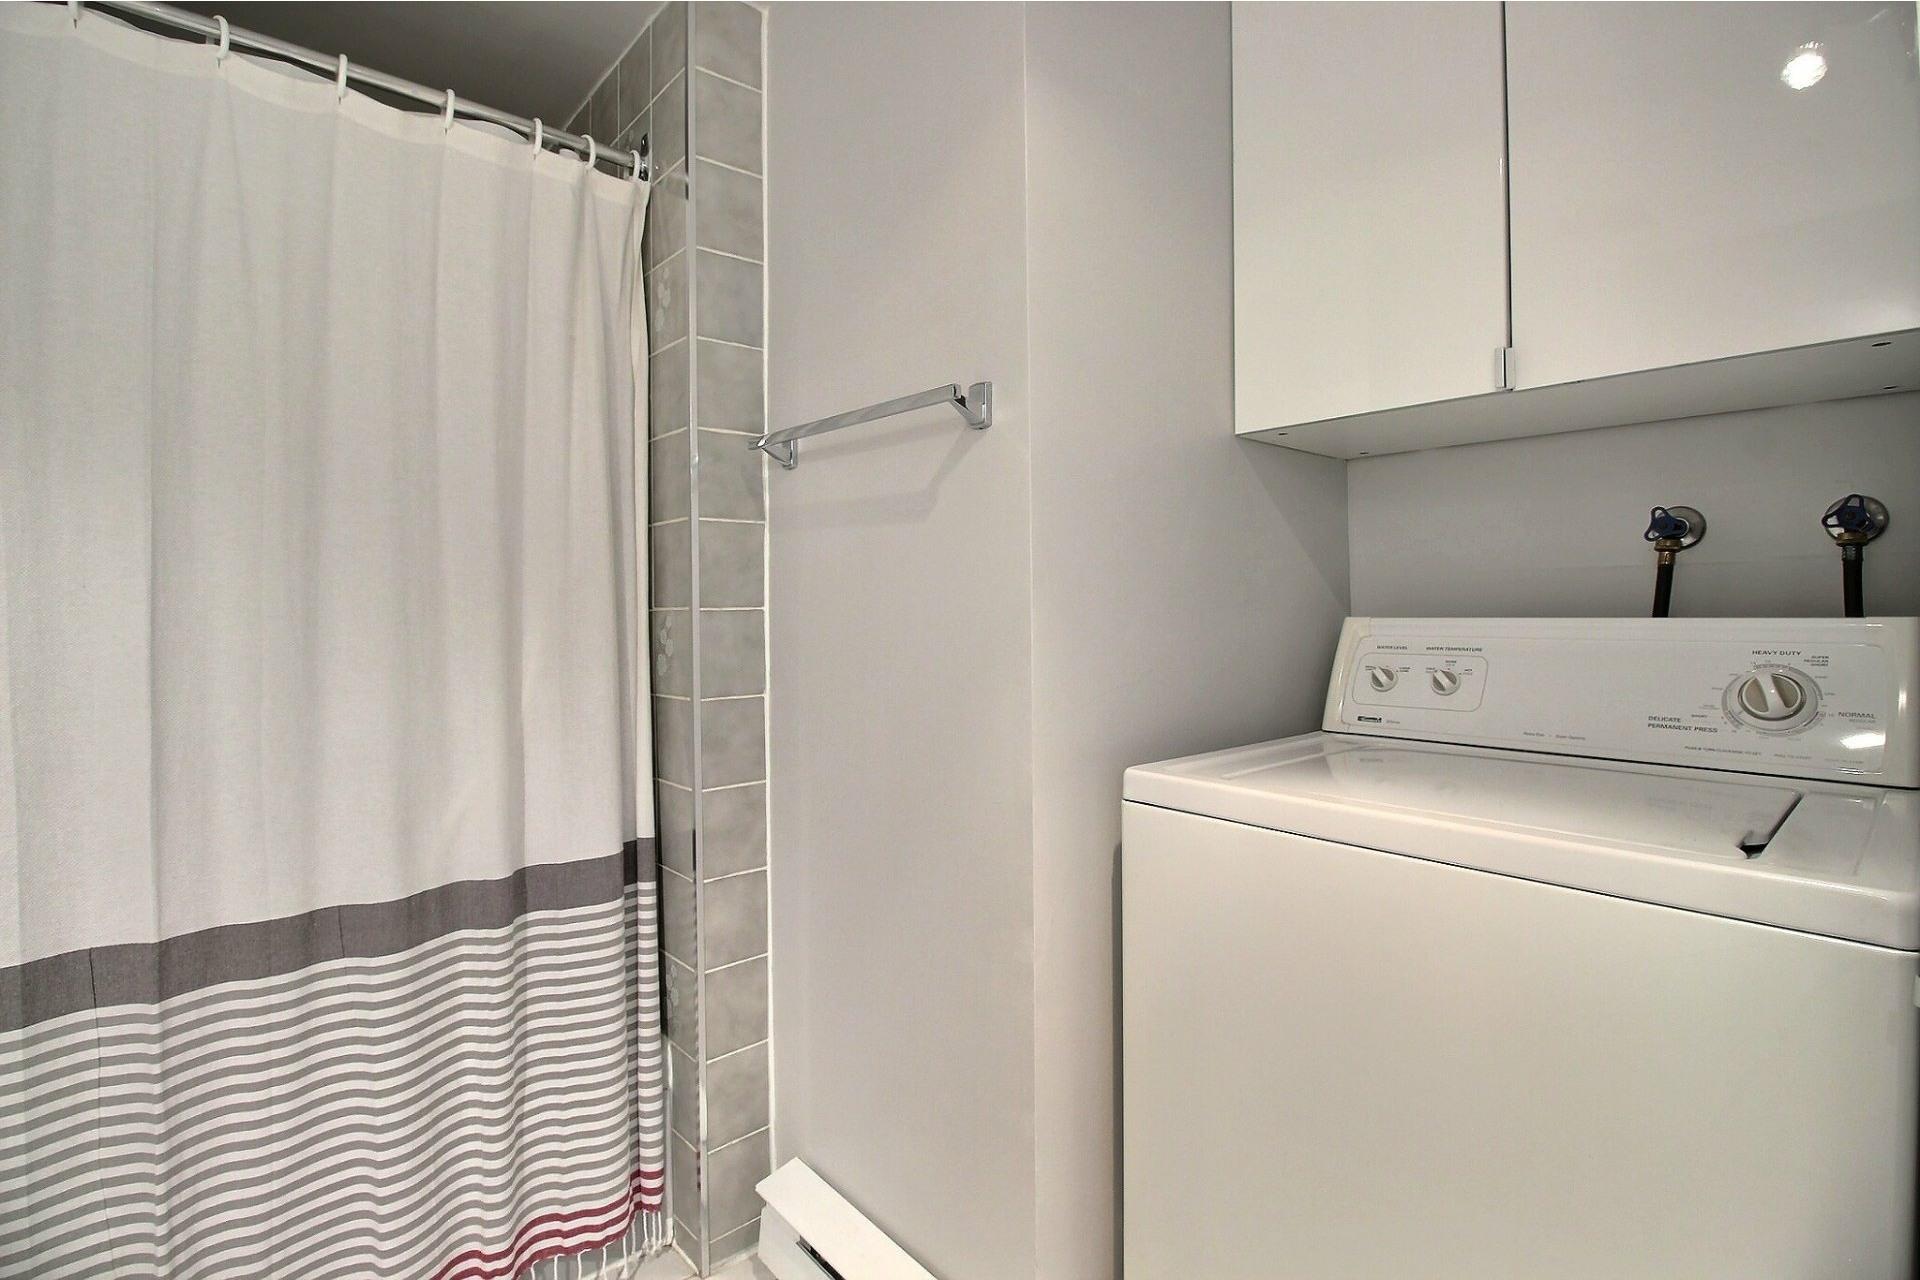 image 15 - Appartement À vendre Rivière-des-Prairies/Pointe-aux-Trembles Montréal  - 5 pièces